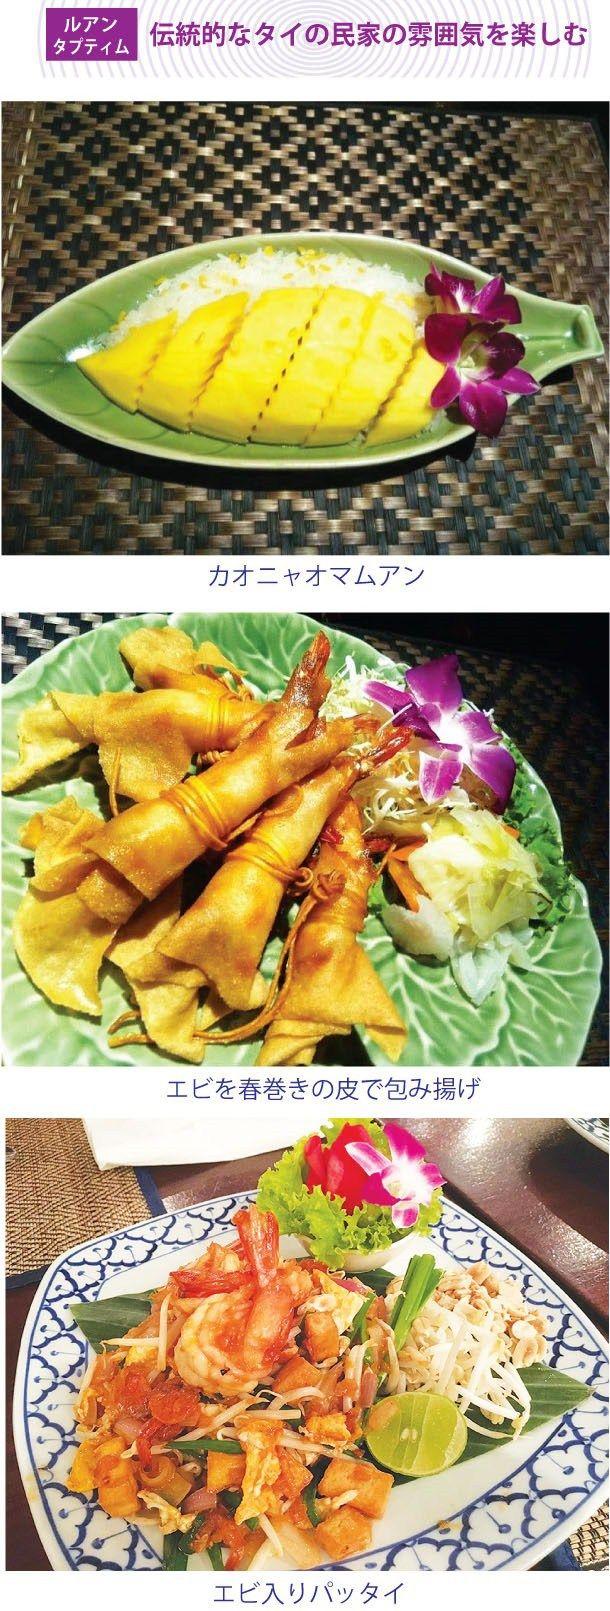 伝統的なタイの民家の雰囲気を楽しむタイ料理店「ルアン・タプティム」